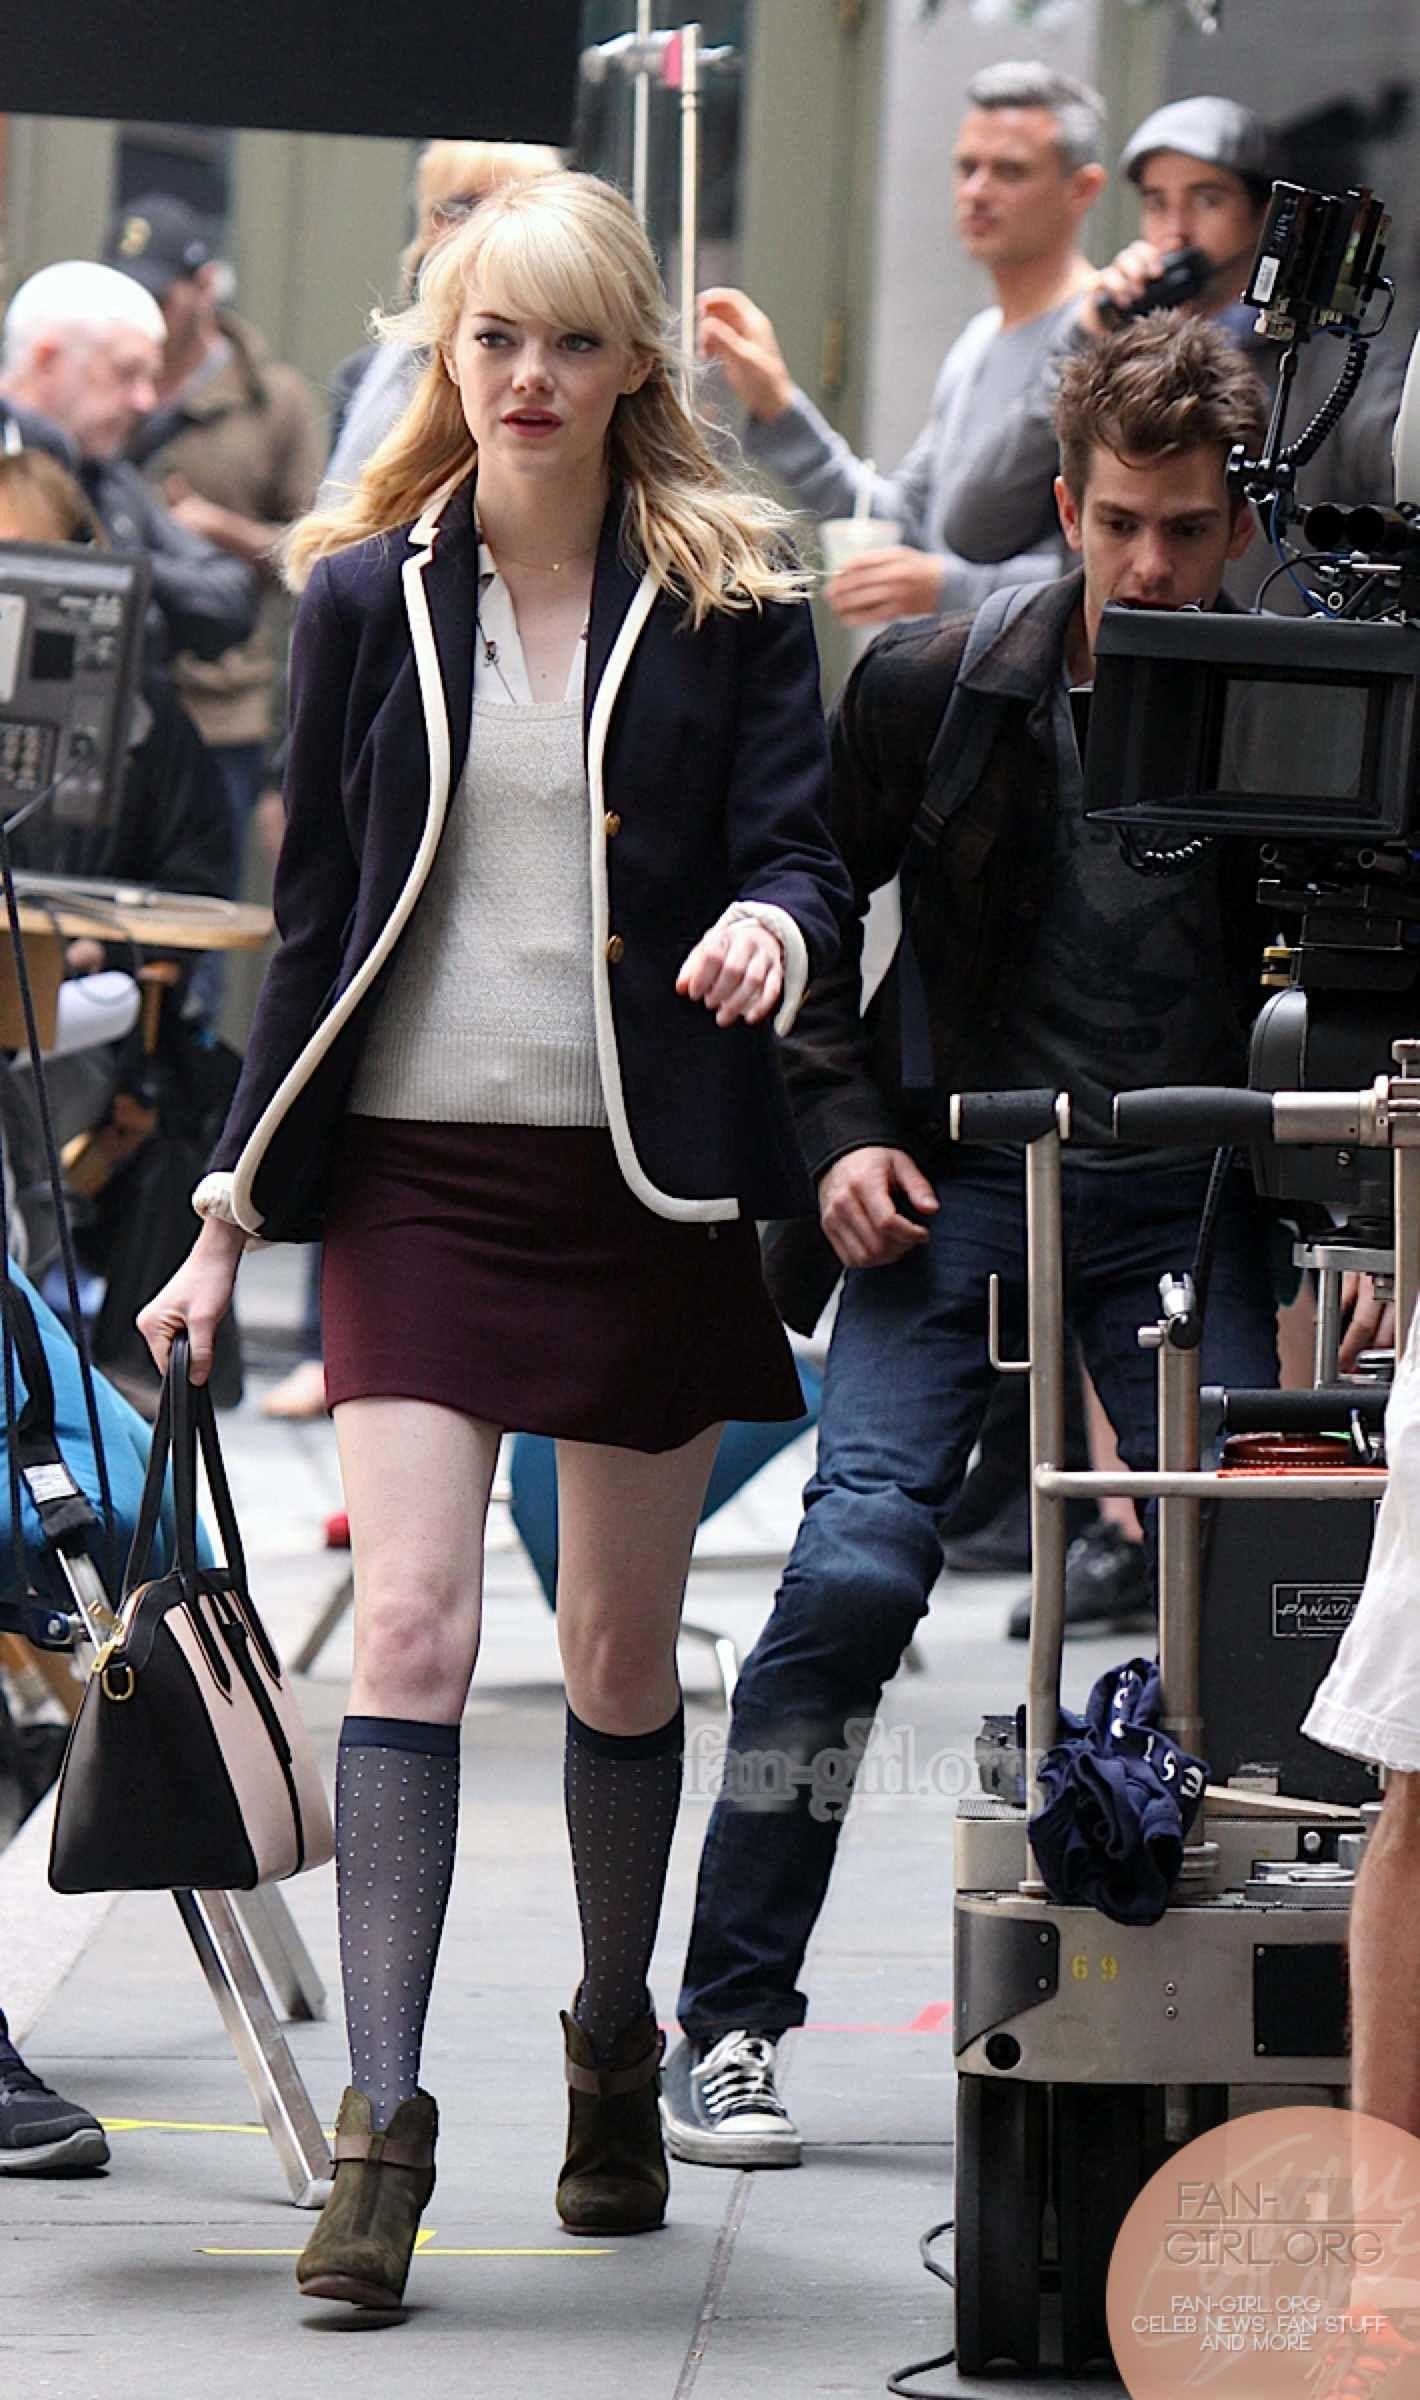 amazing spiderman 2 on set photos | Emma Stone The Amazing Spider Man 2 Sexy New Photos of Emma Stone On ...